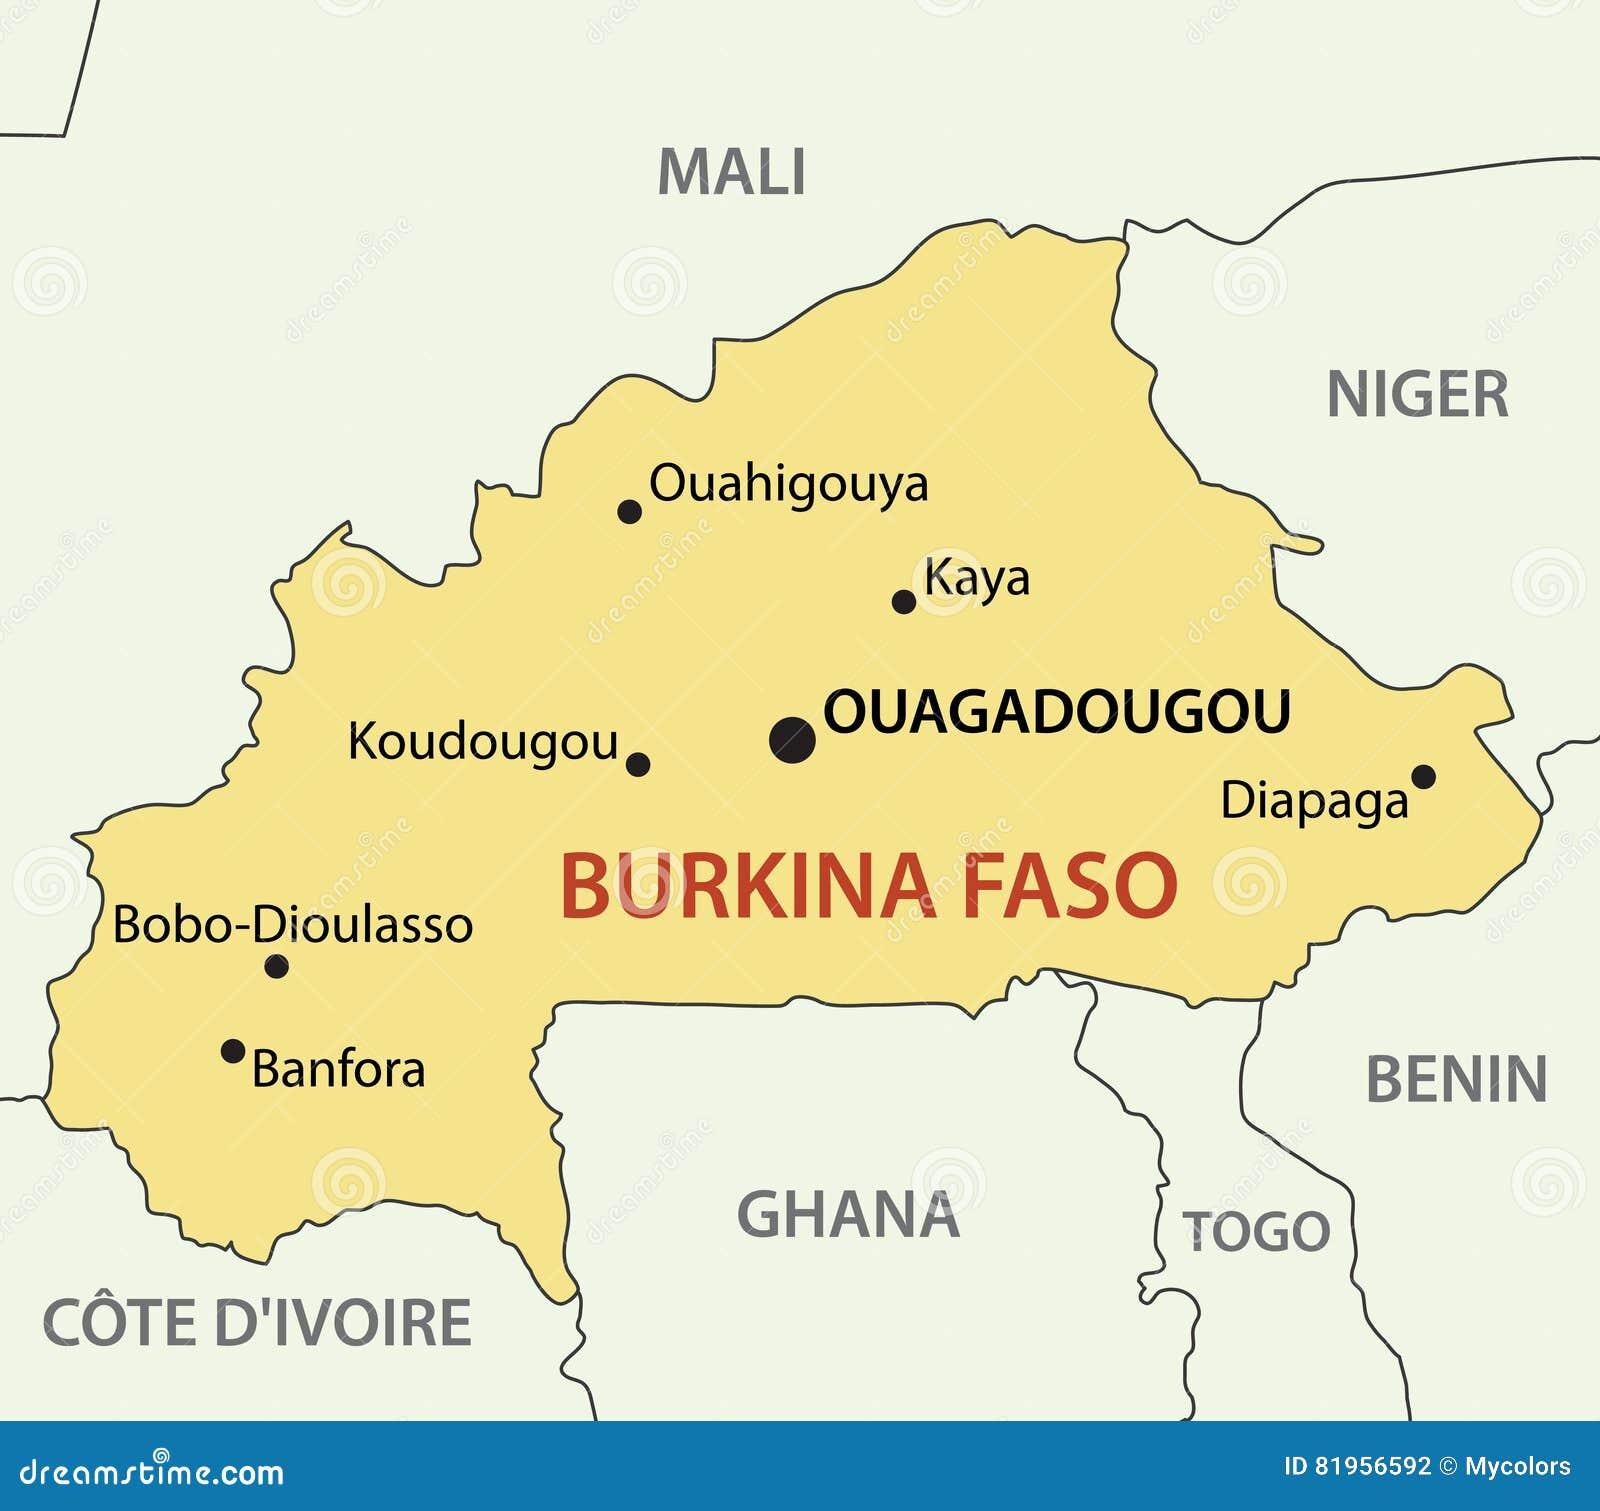 Pokret Nesvrstanih vraća se u Beograd - Page 3 Burkina-faso-map-country-vector-81956592